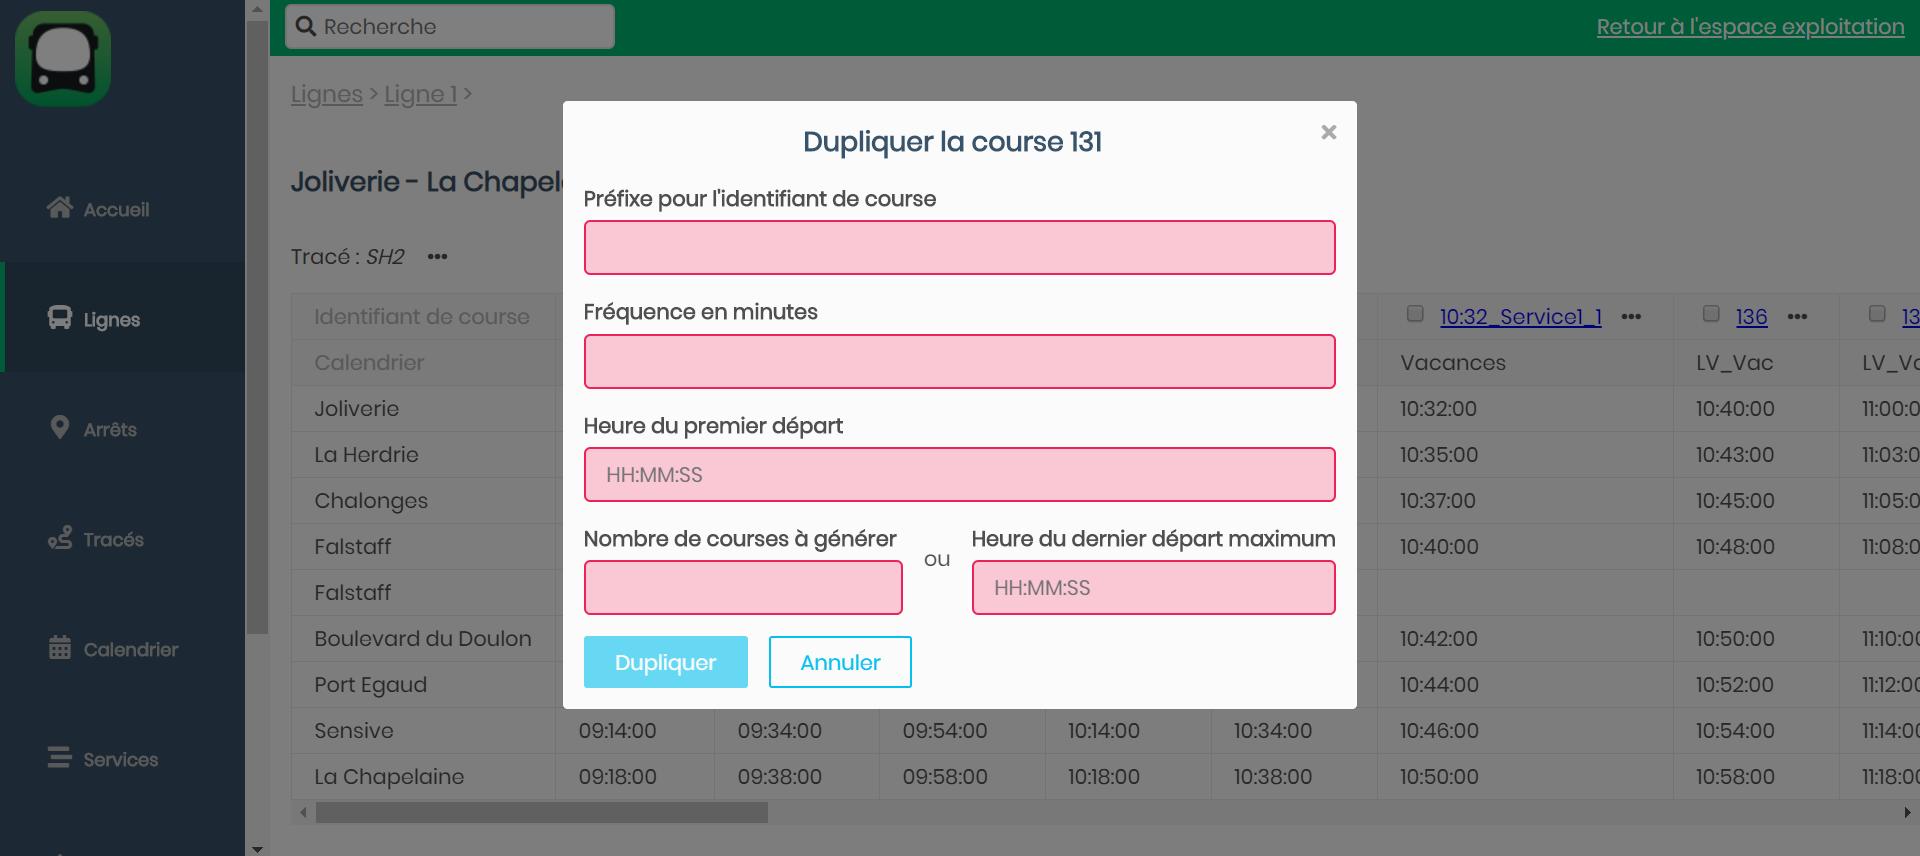 Dupliquer_param_tres.png